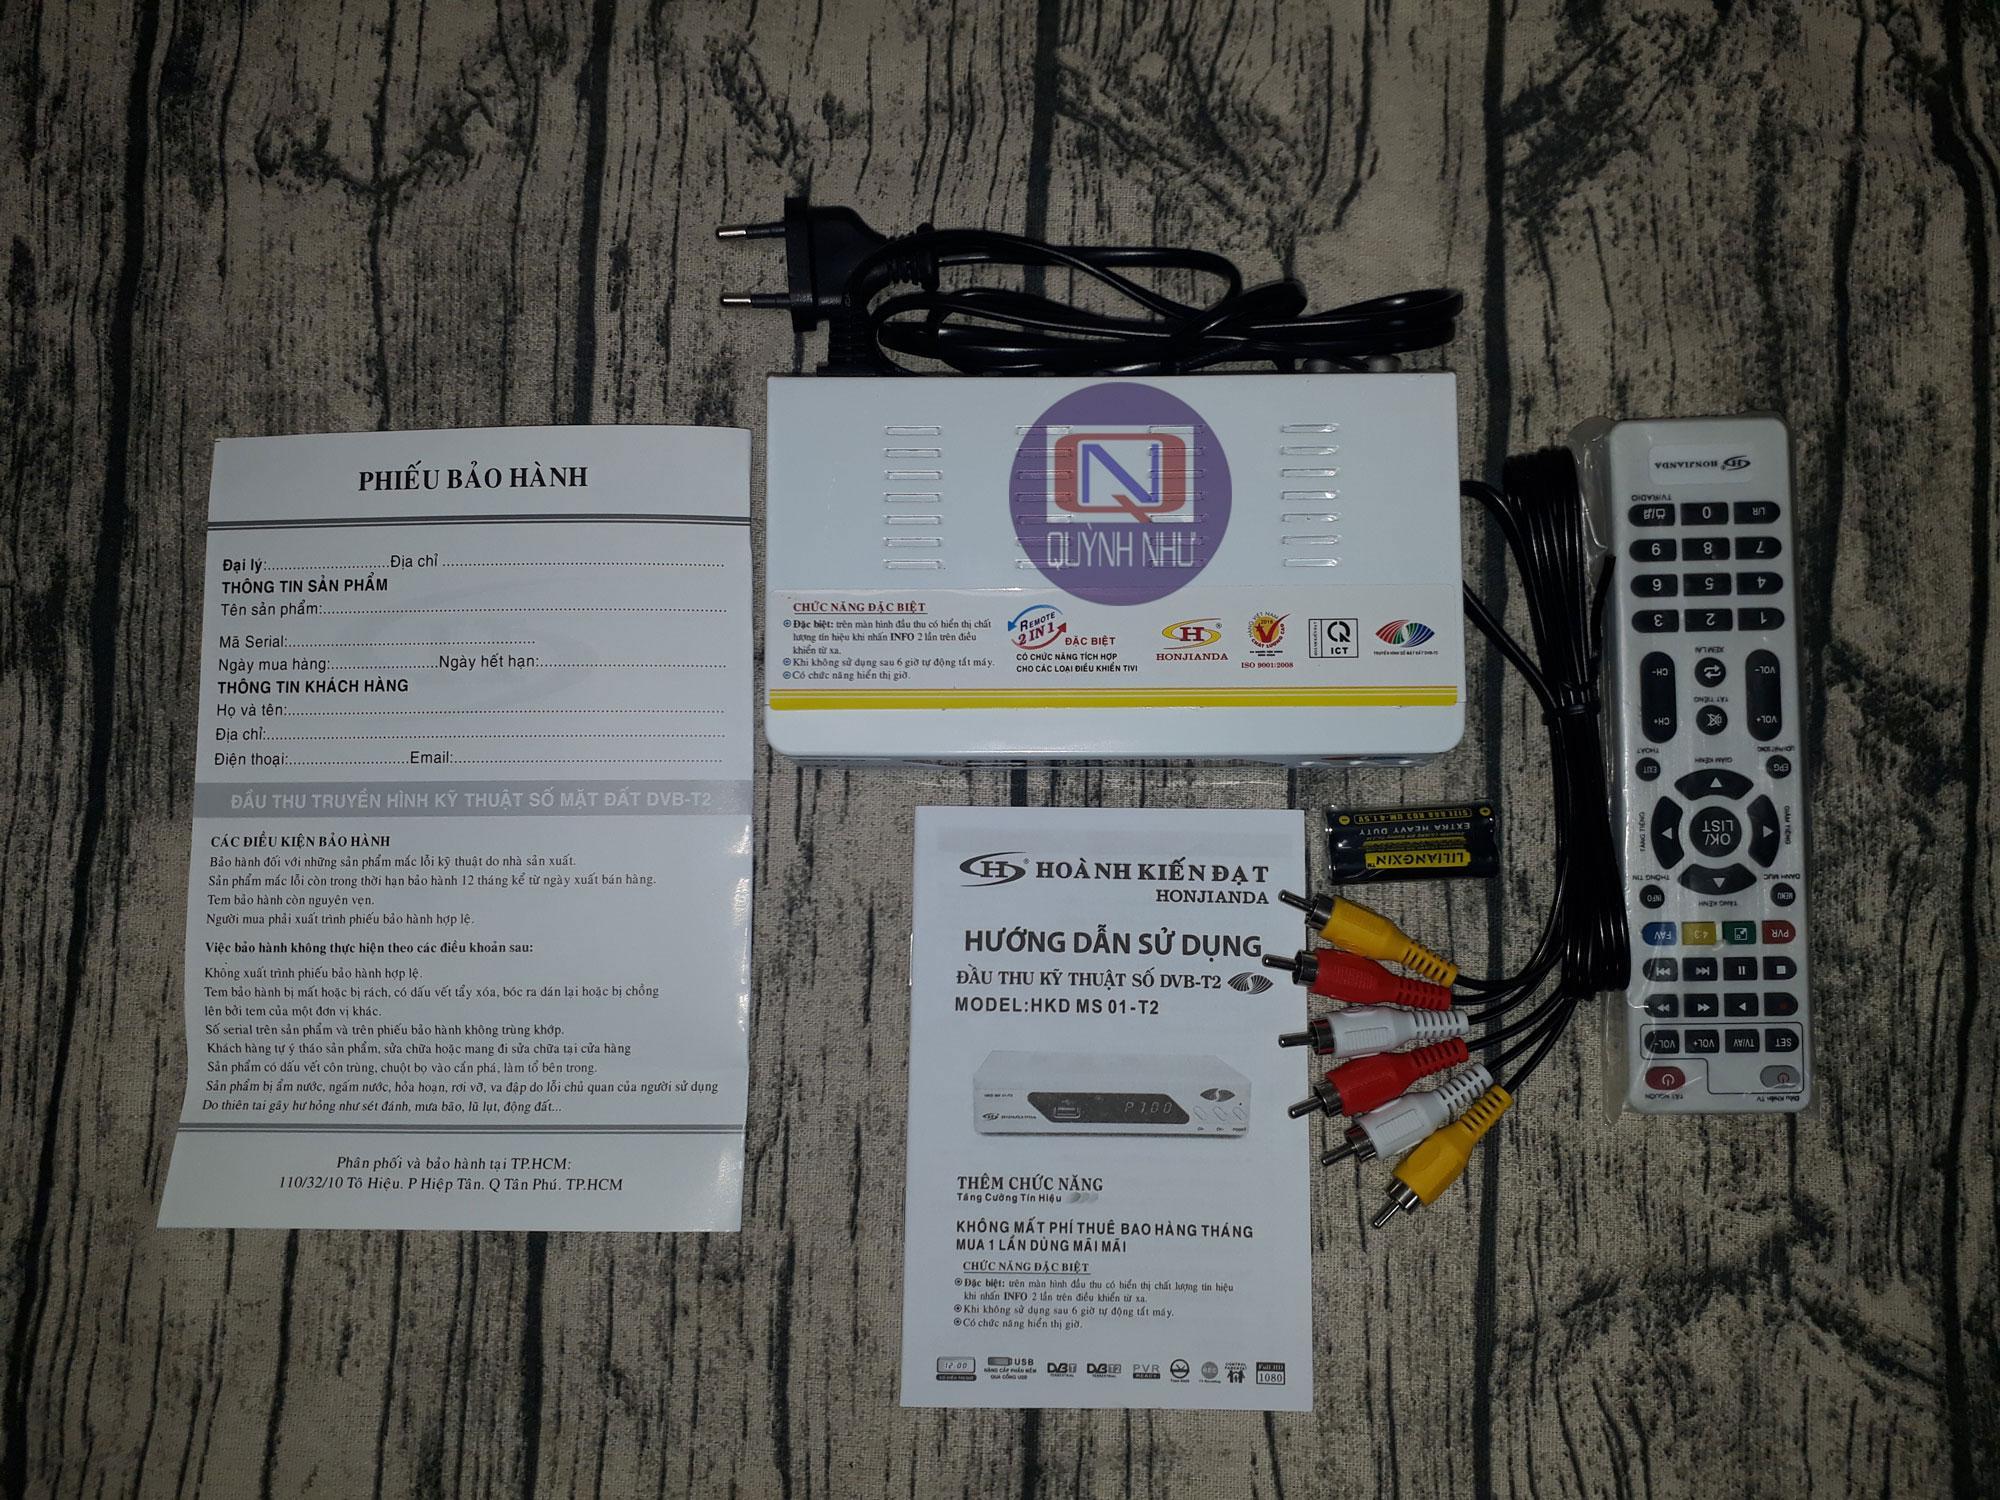 ĐẦU THU TRUYỀN HÌNH SỐ MẶT ĐẤT HOÀN KIẾN ĐẠT (MODEL HKD MS 01-T2) + CÁP  HDMI - Đầu thu kỹ thuật số [Hồ Chí Minh]